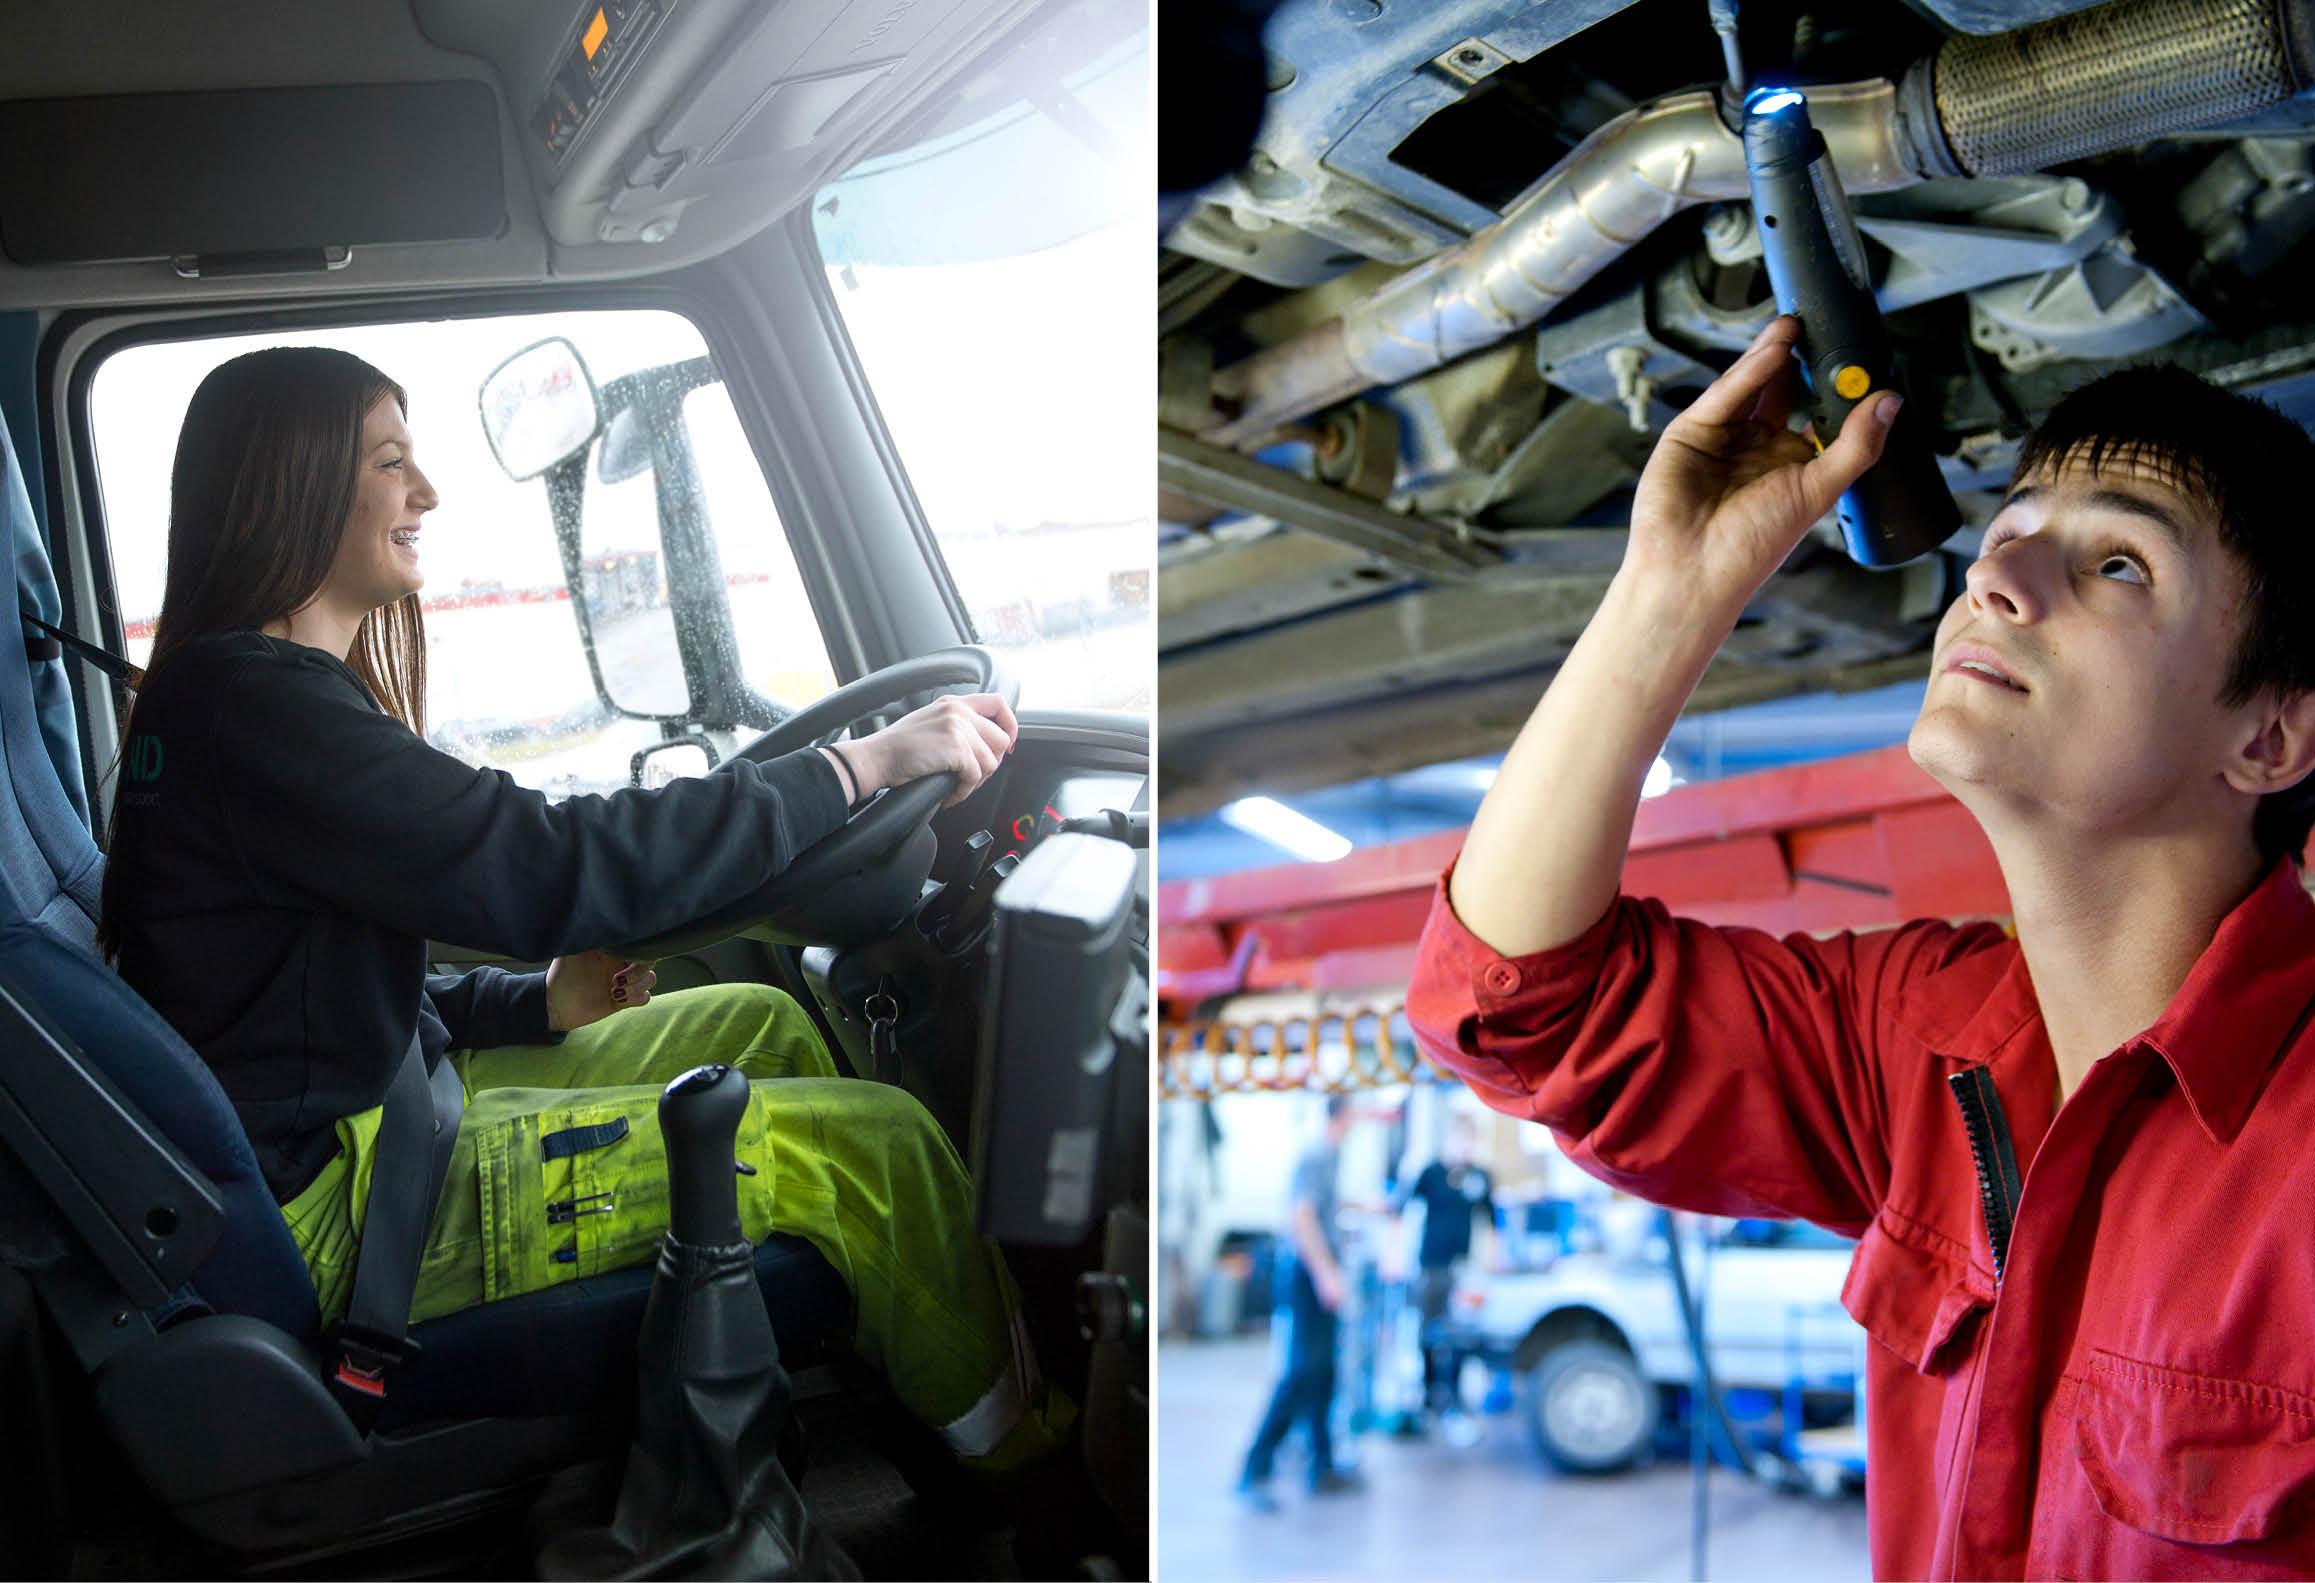 Vänster bild visar elev som kör lastbil. Höger bild visar elev som tittar på bilens underrede